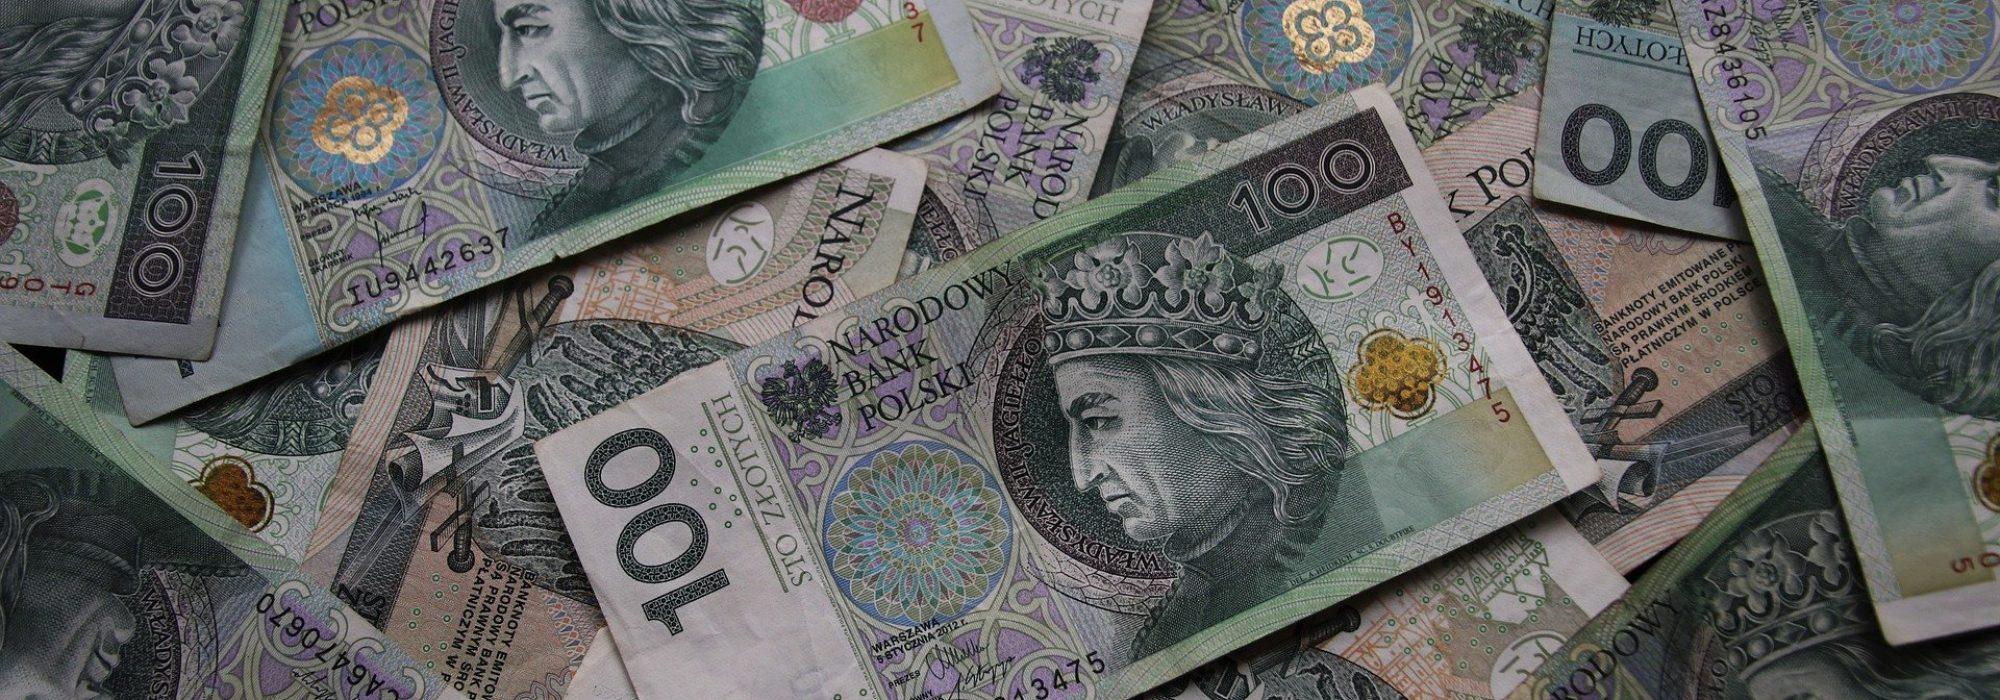 banknotes-g8ea0fedc2_1920